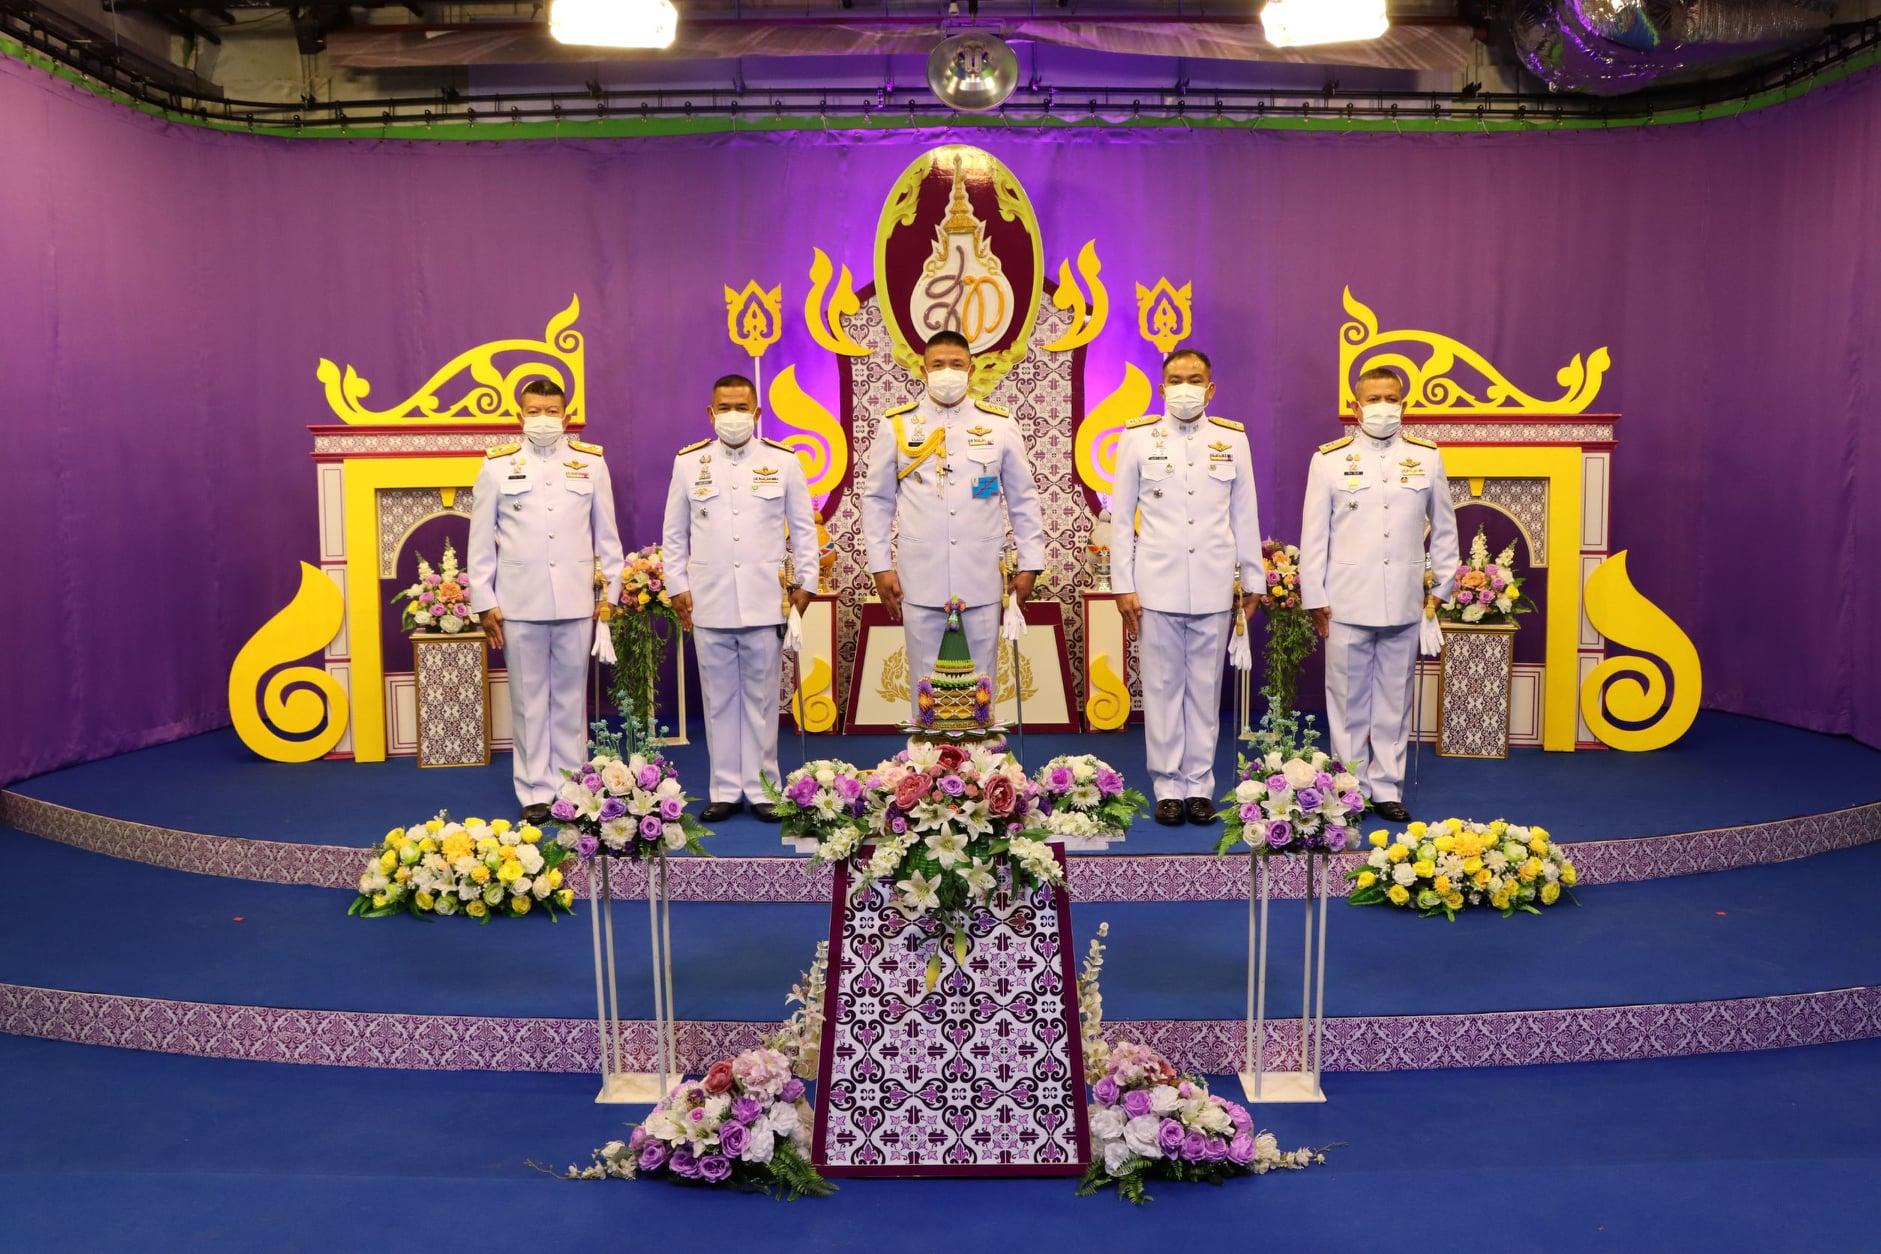 พล.ต.ท.รณศิลป์ ภู่สาระ ผบช.ภ.9 ร่วมบันทึกเทปถวายพระพรชัยมงคล สมเด็จพระนางเจ้าสุทิดาฯ